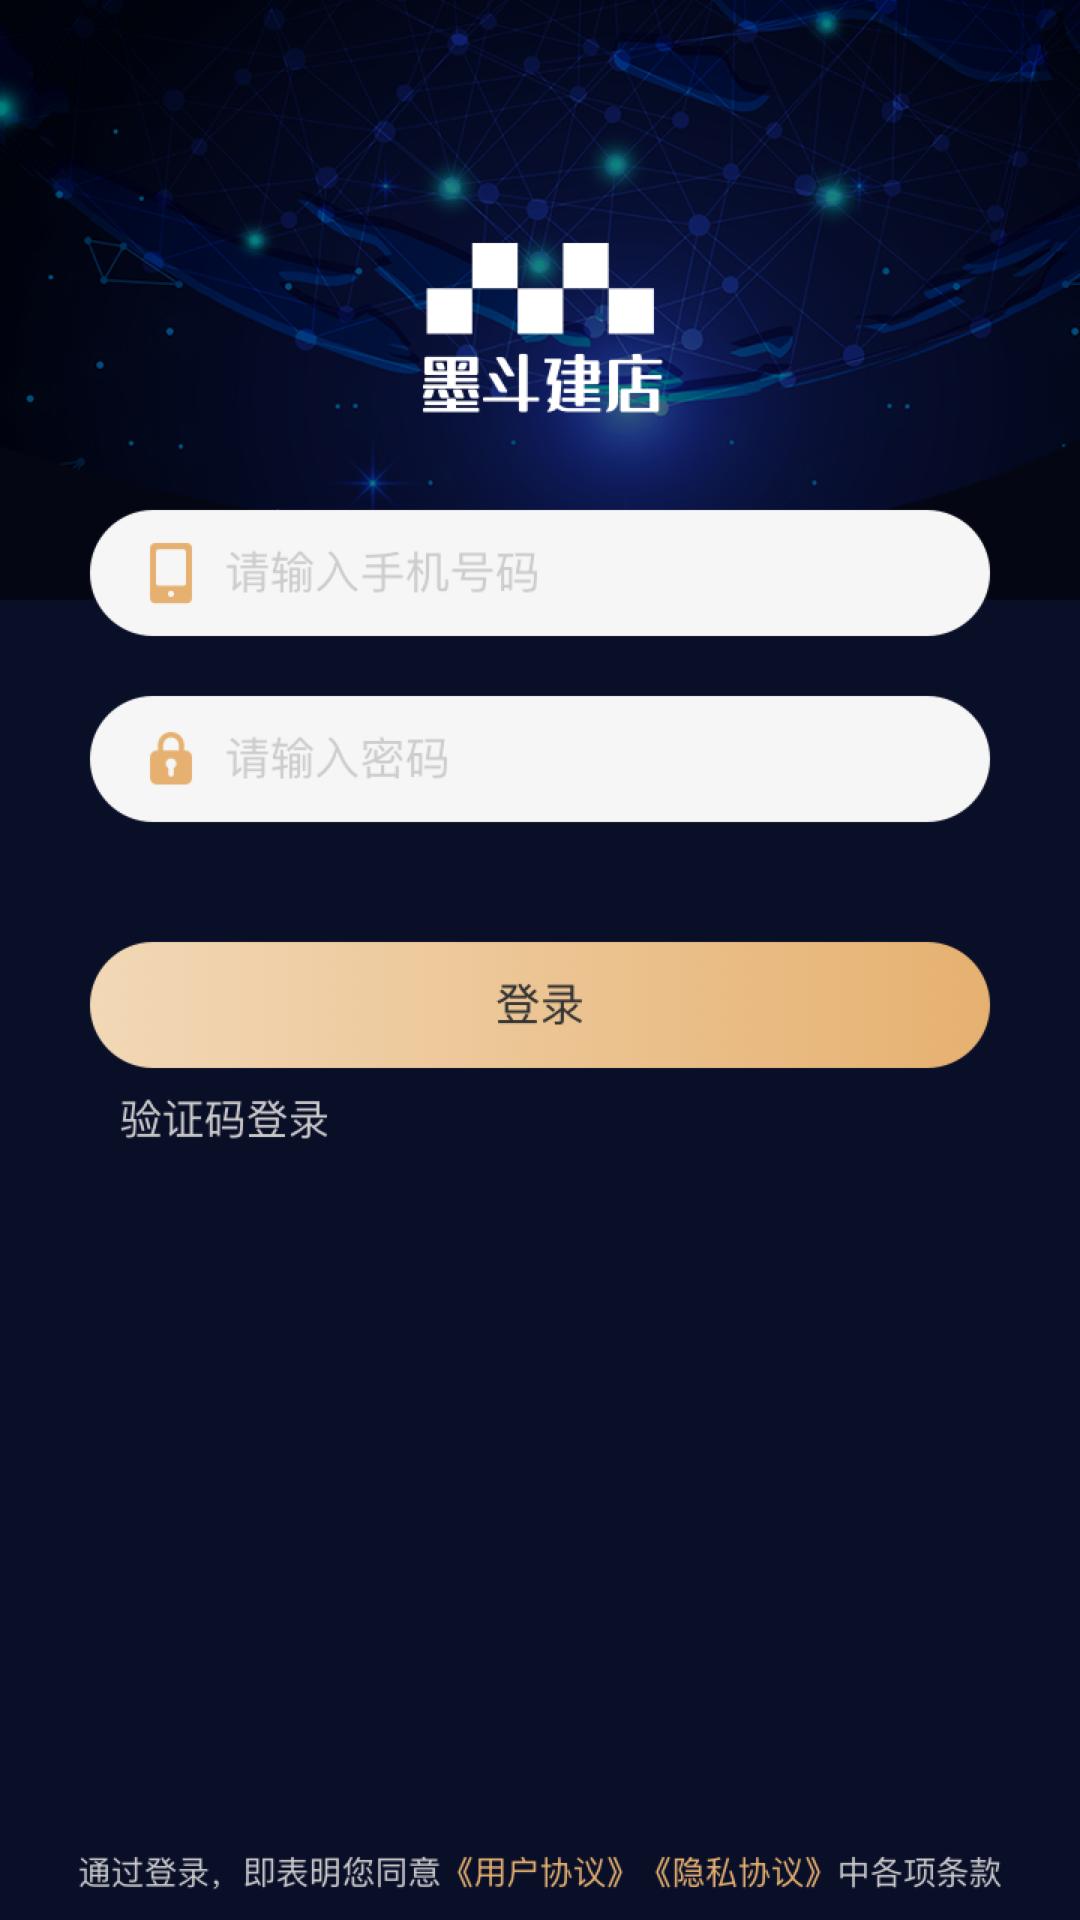 墨斗工程管理 V3.5 安卓版截图4